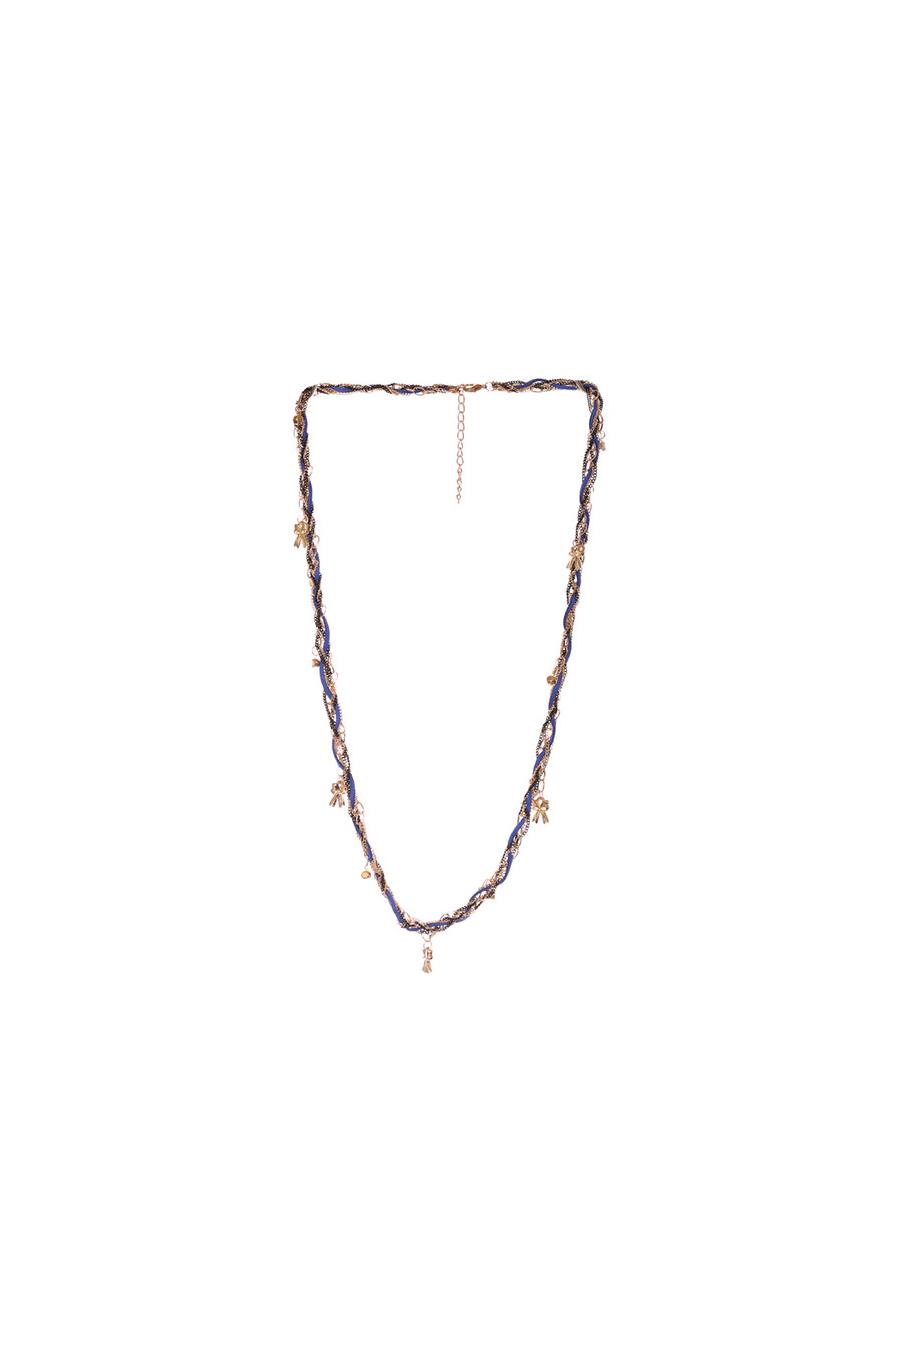 Collier royal et noir avec différentes chaines et pendentifs. Bijoux femme mode